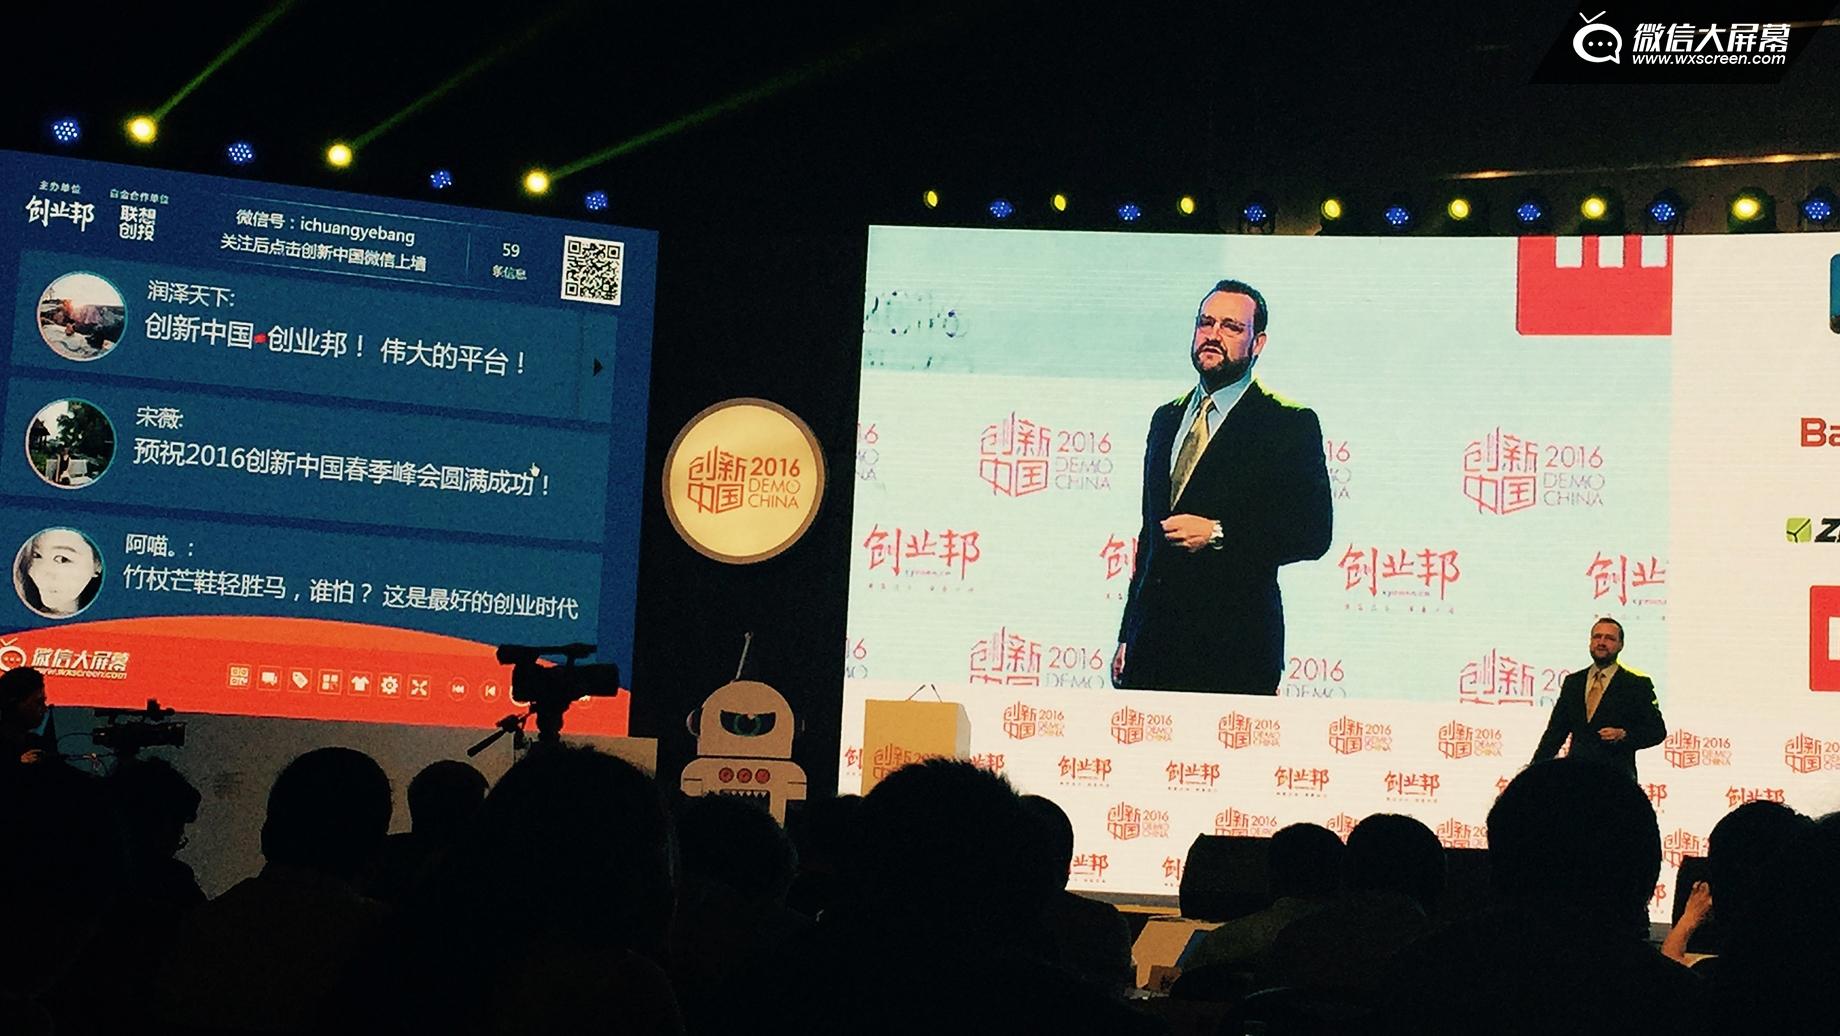 """趣现场为创业邦""""创新中国春季峰会""""带来精彩现场互动"""